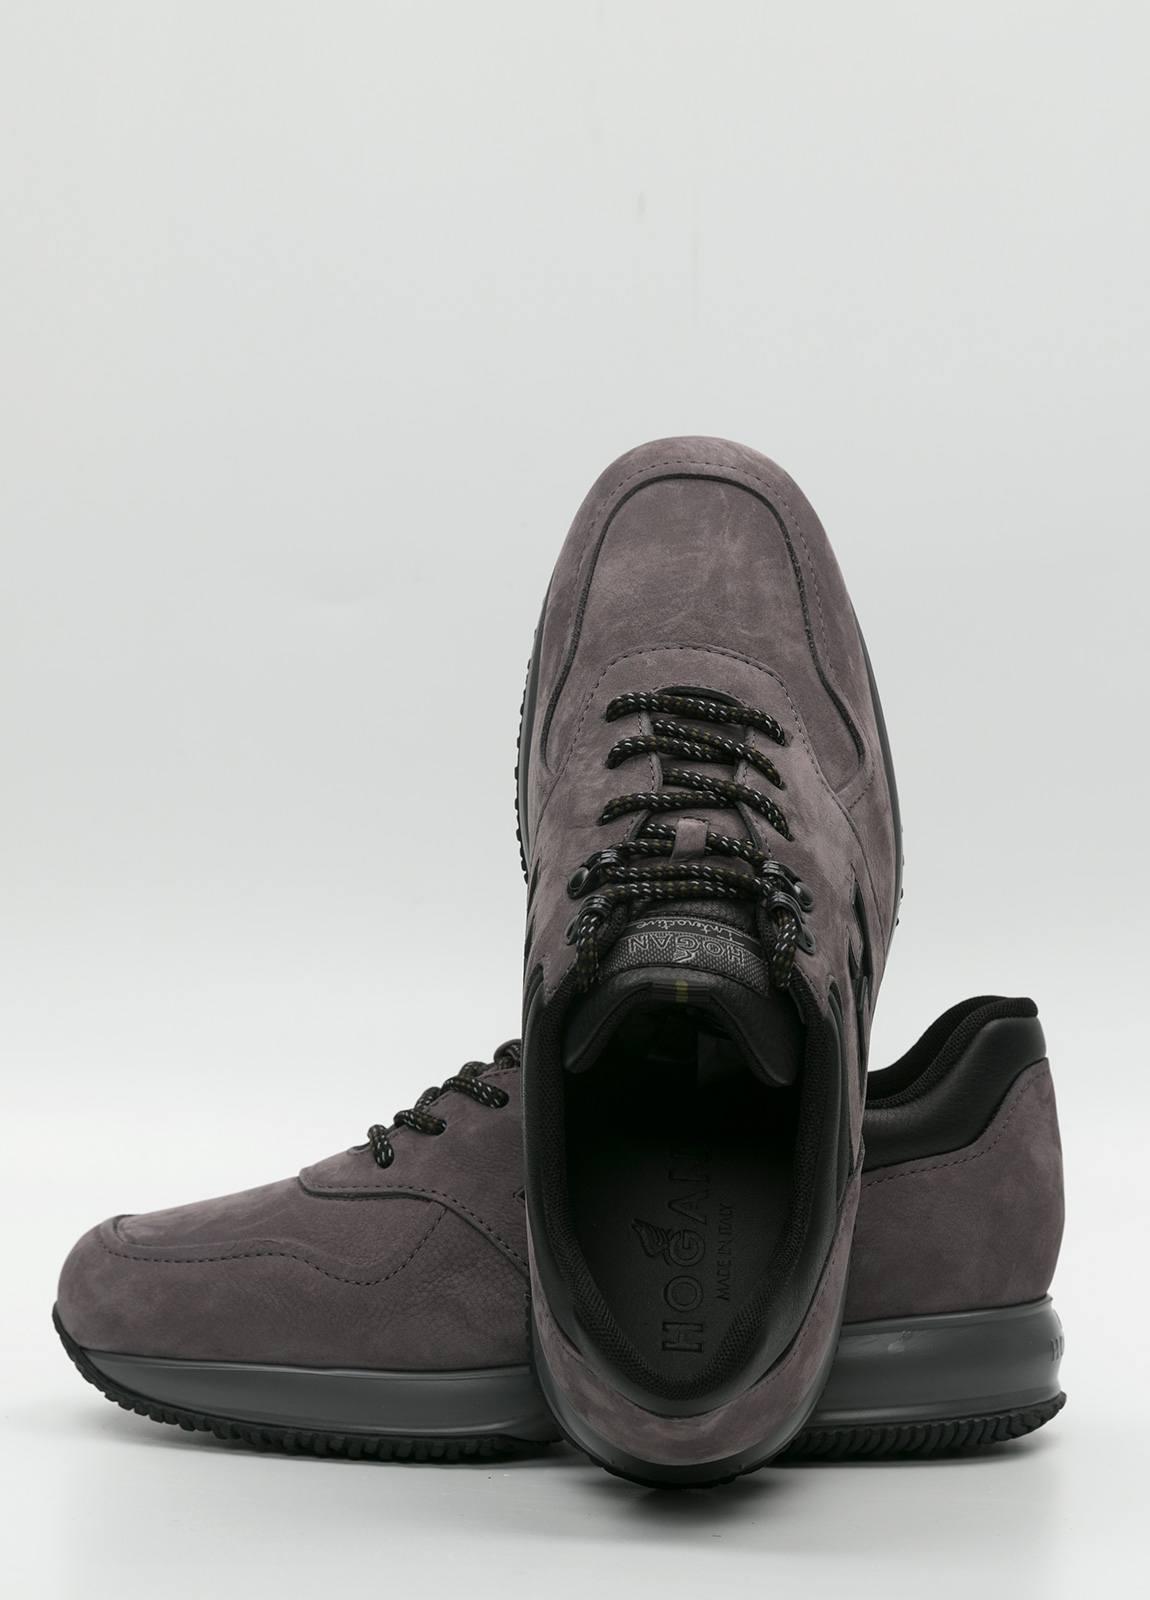 Calzado sport color gris. Combinación de piel y ante. - Ítem3